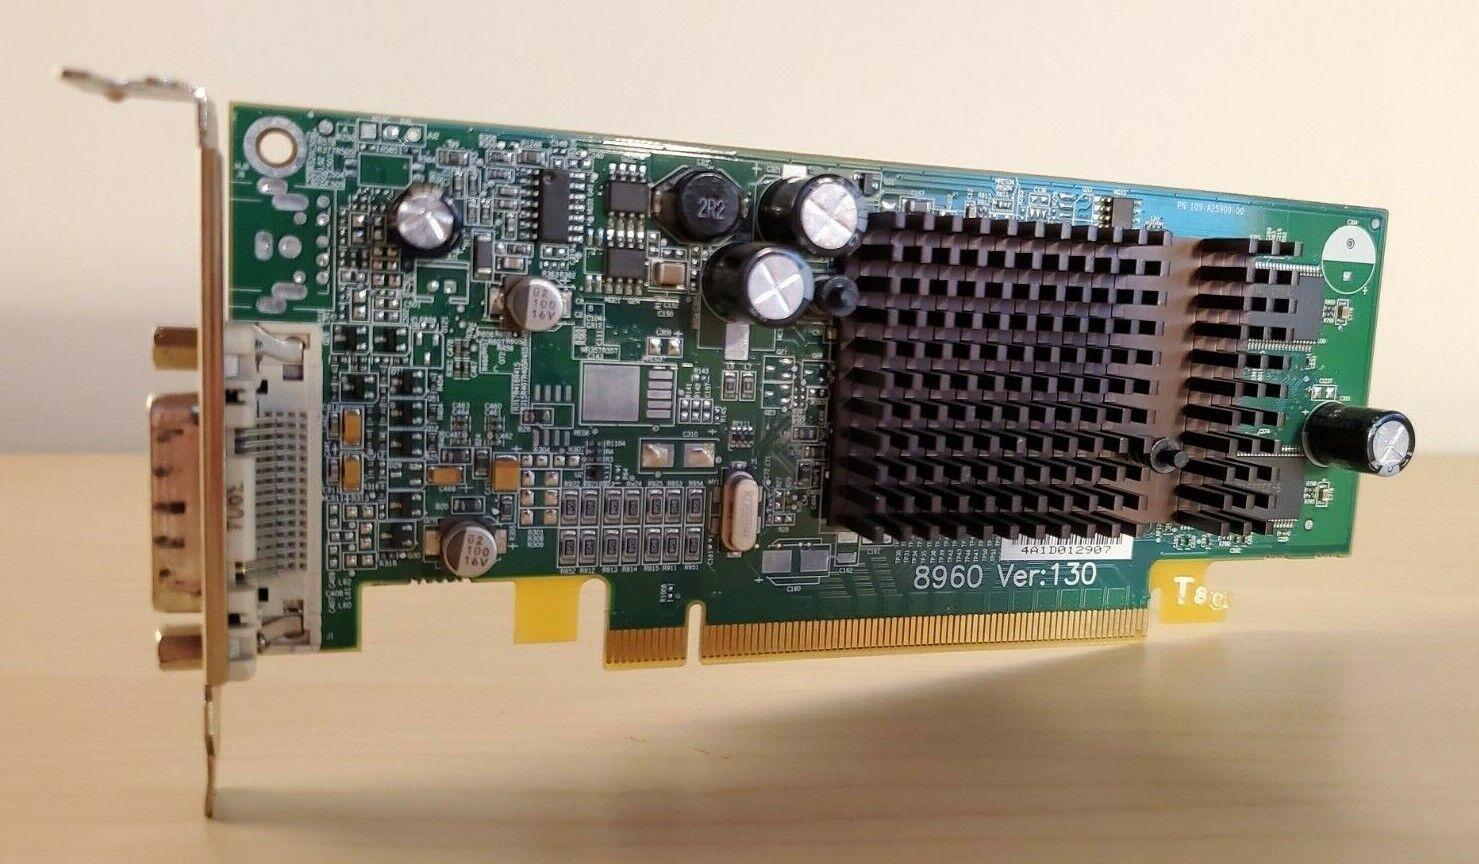 ATI Radeon X300/X550 Series 128MB PCI-e E-G012-04-2903B DMS-59 GPU Low Profile